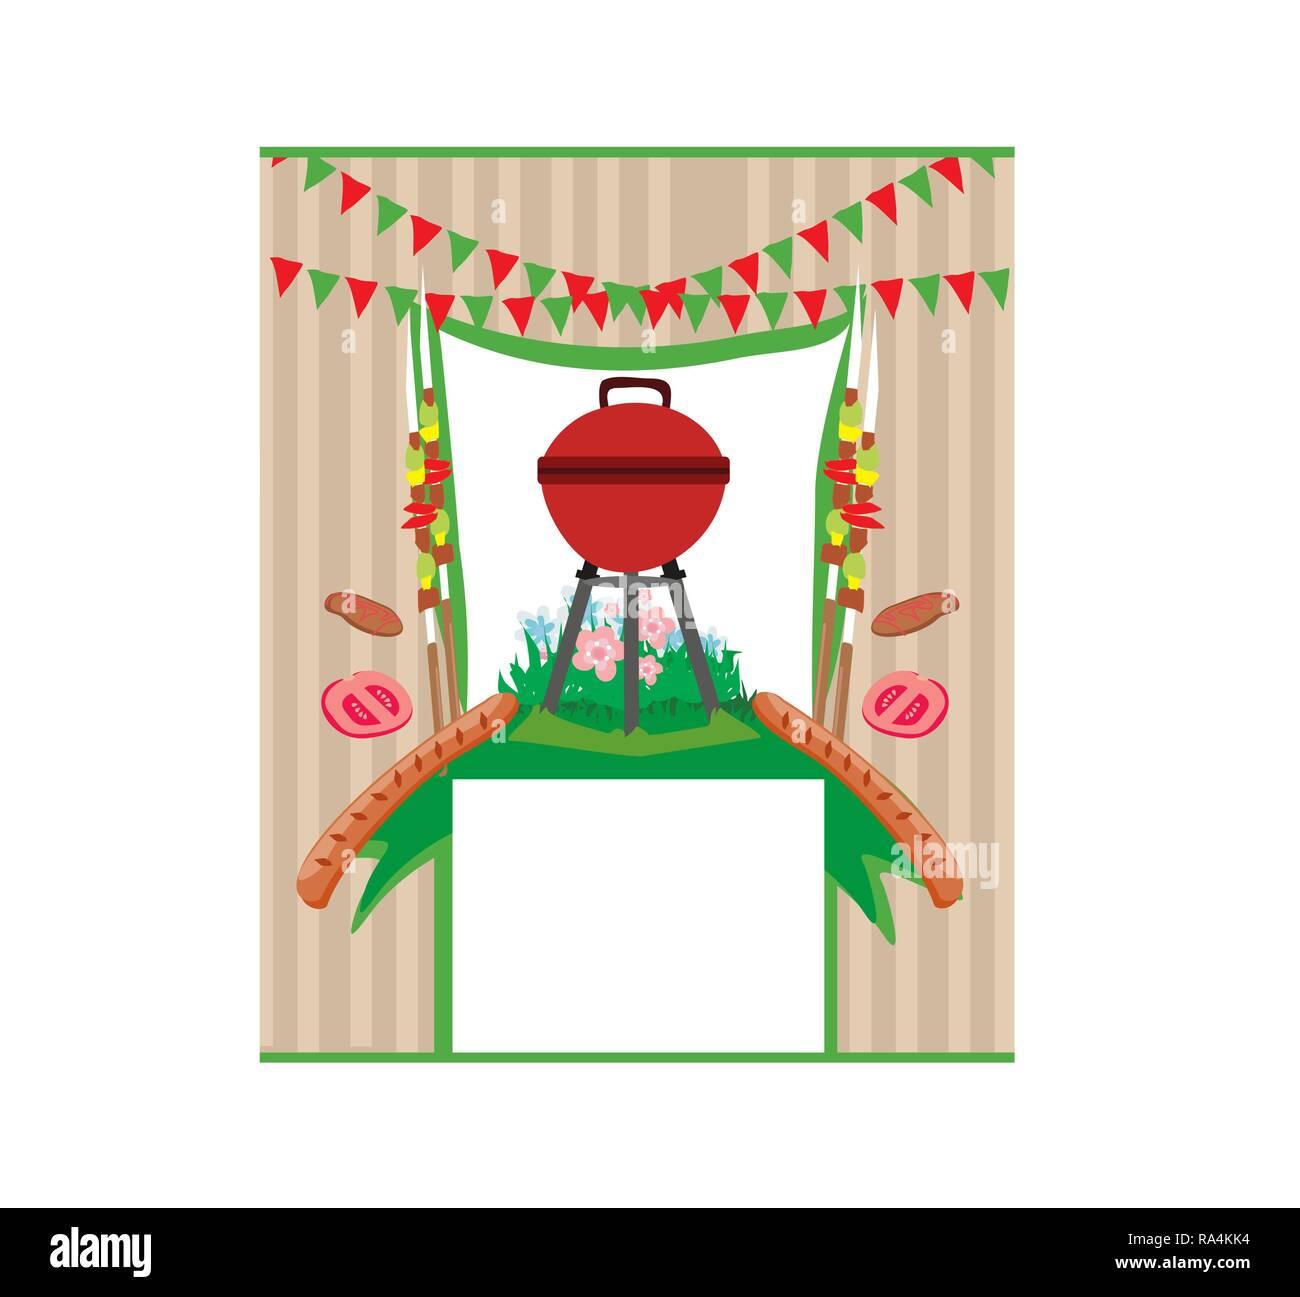 Parrillada Menú Invitación Tarjeta Ilustración Del Vector